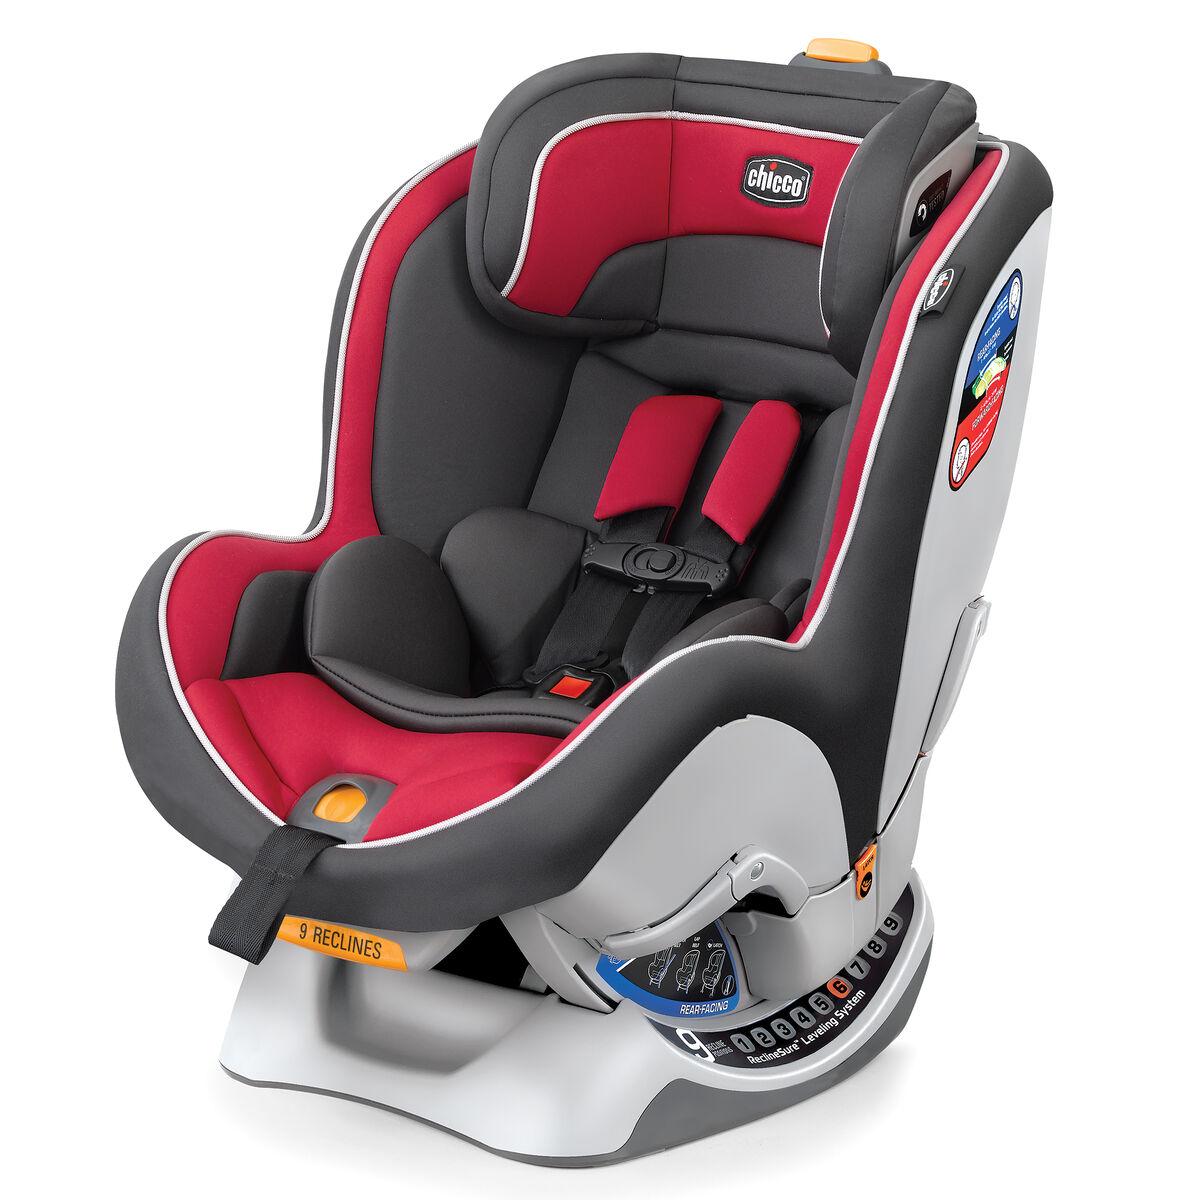 Nextfit convertible car seat passionnextfit convertible car seat passion